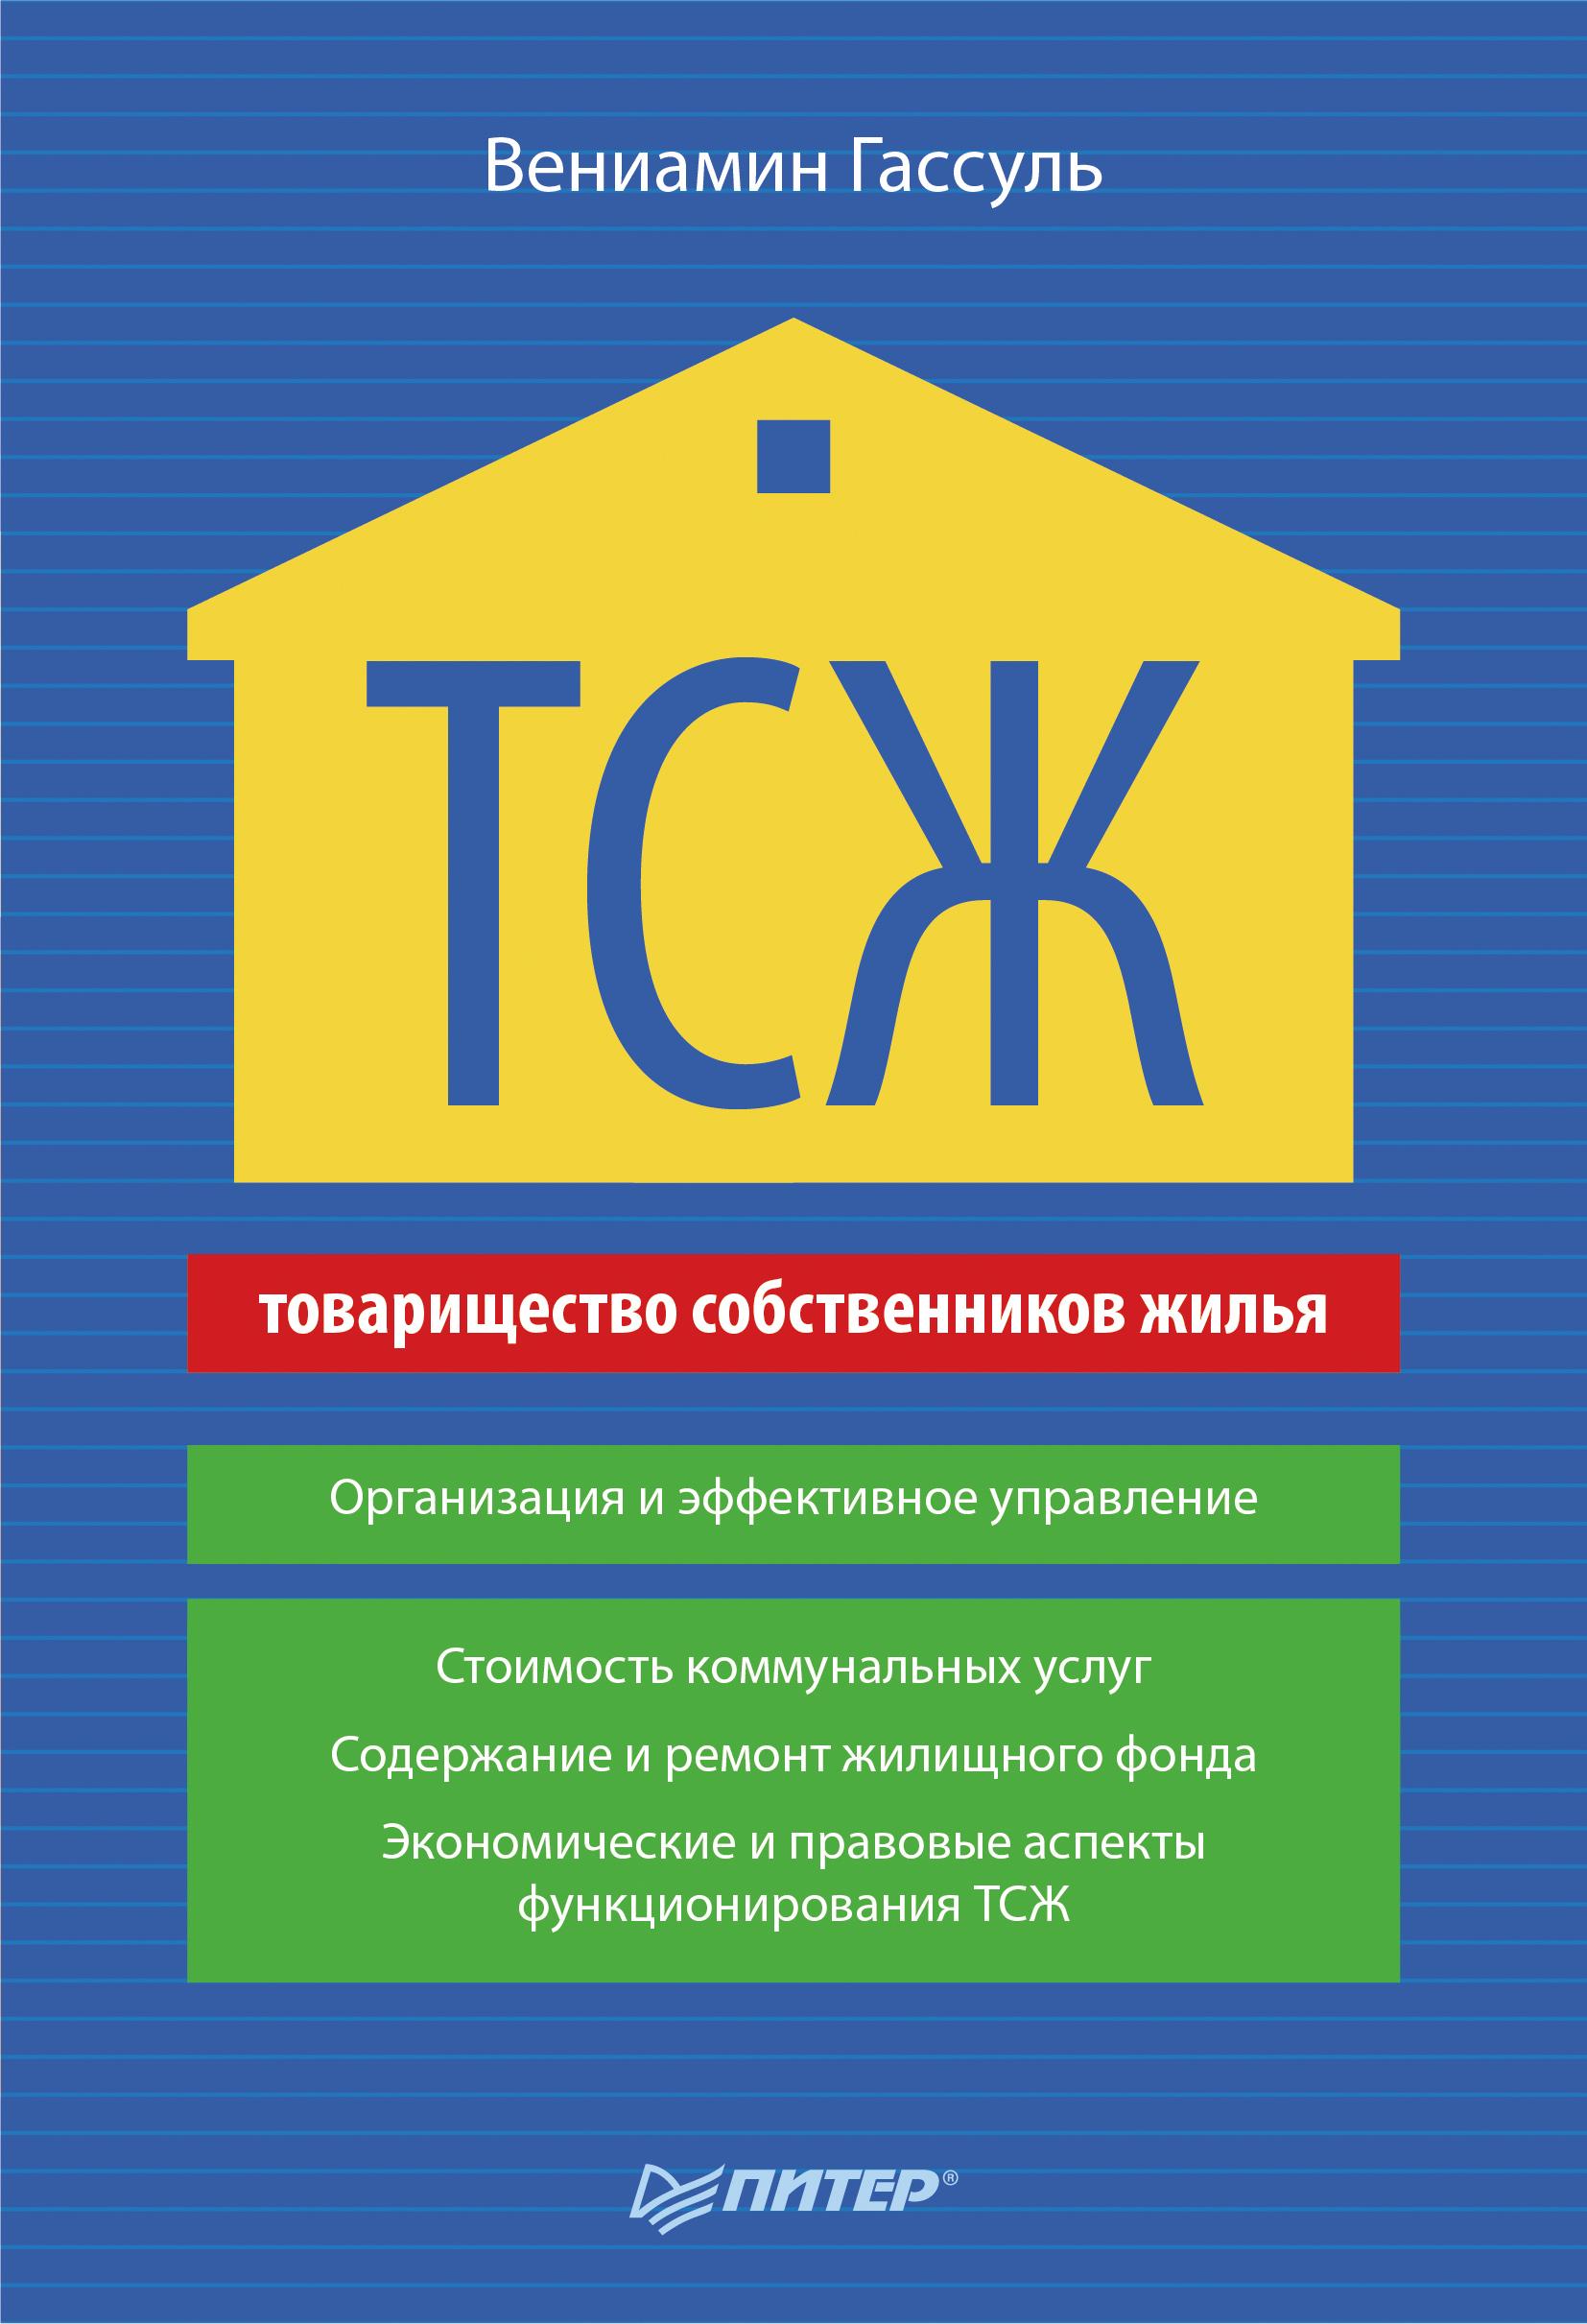 Вениамин Гассуль «ТСЖ. Организация и эффективное управление»